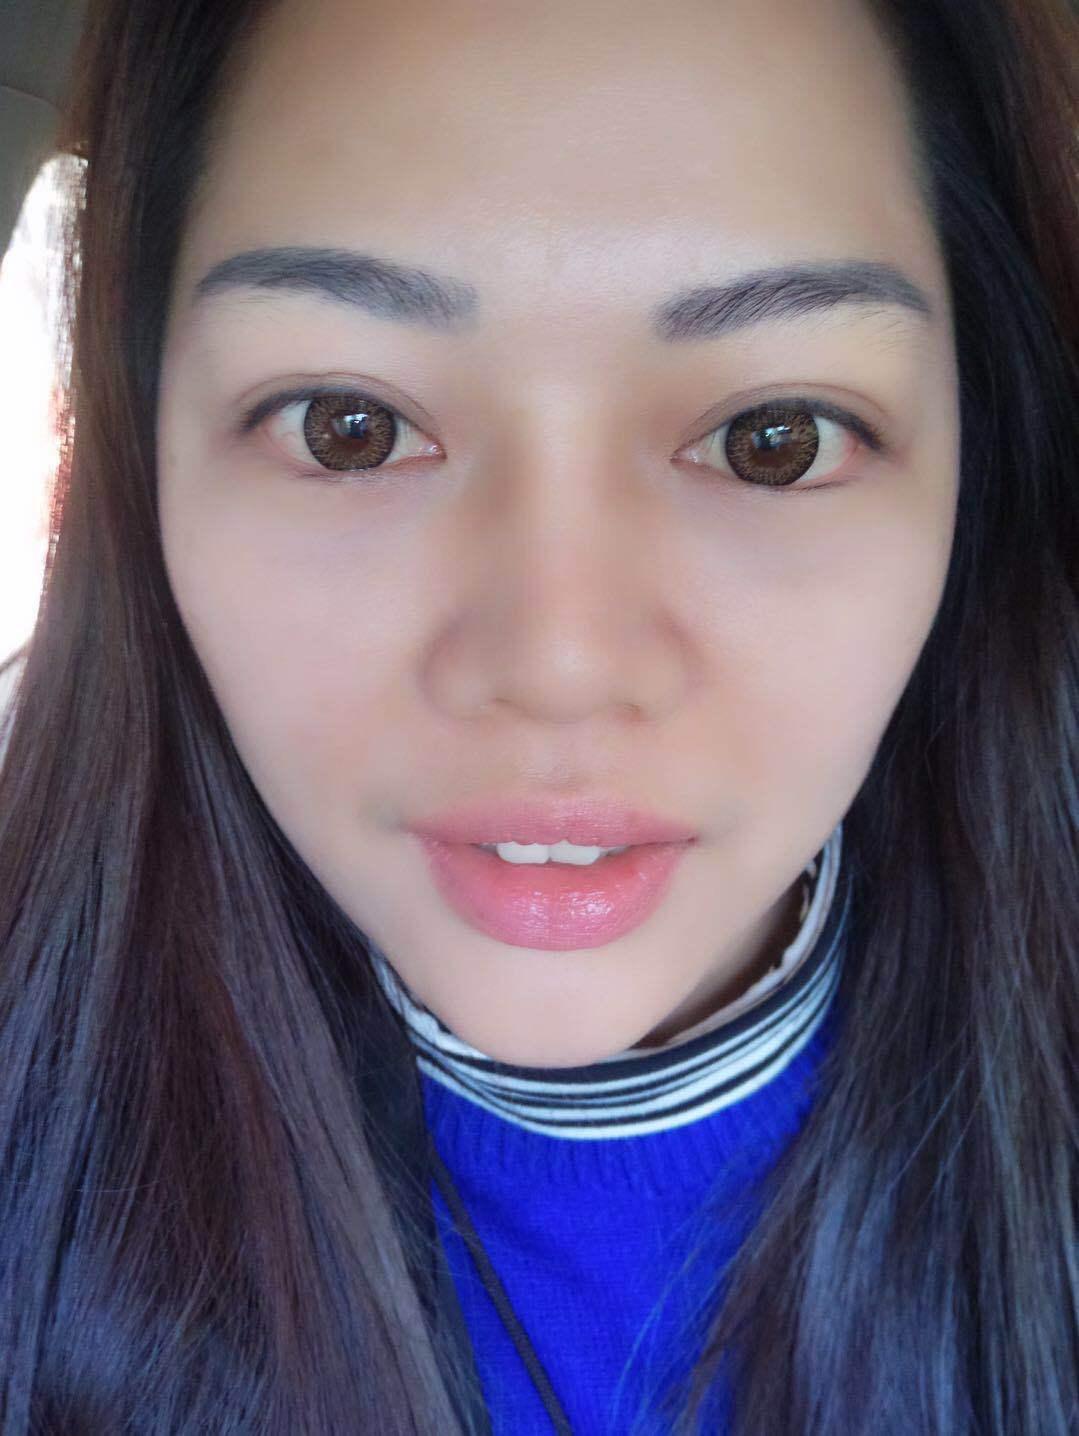 此组图为徐女士术后第七天情况照,眼袋处的肌肤已完全恢复,无皮肤失弹现象。